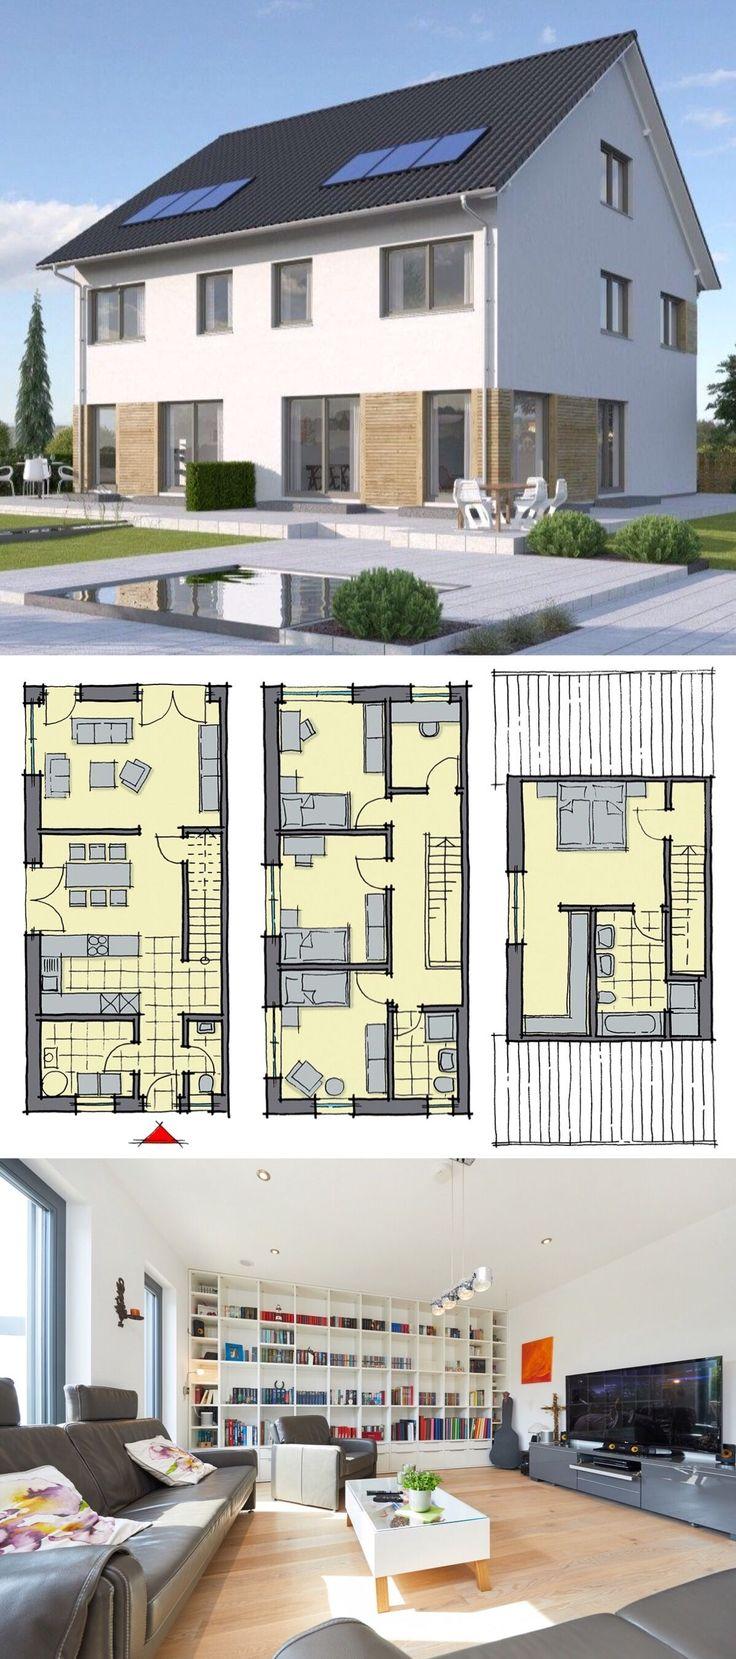 Modernes doppelhaus als fertighaus schl sselfertig mit for Modernes haus 140 qm